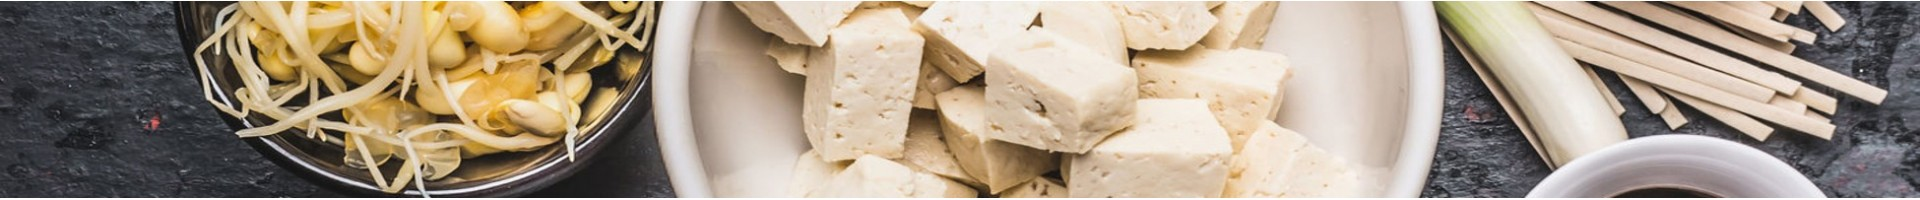 Proteínas Vegetales: Tofu, Seitán y Tempeh | La Finestra